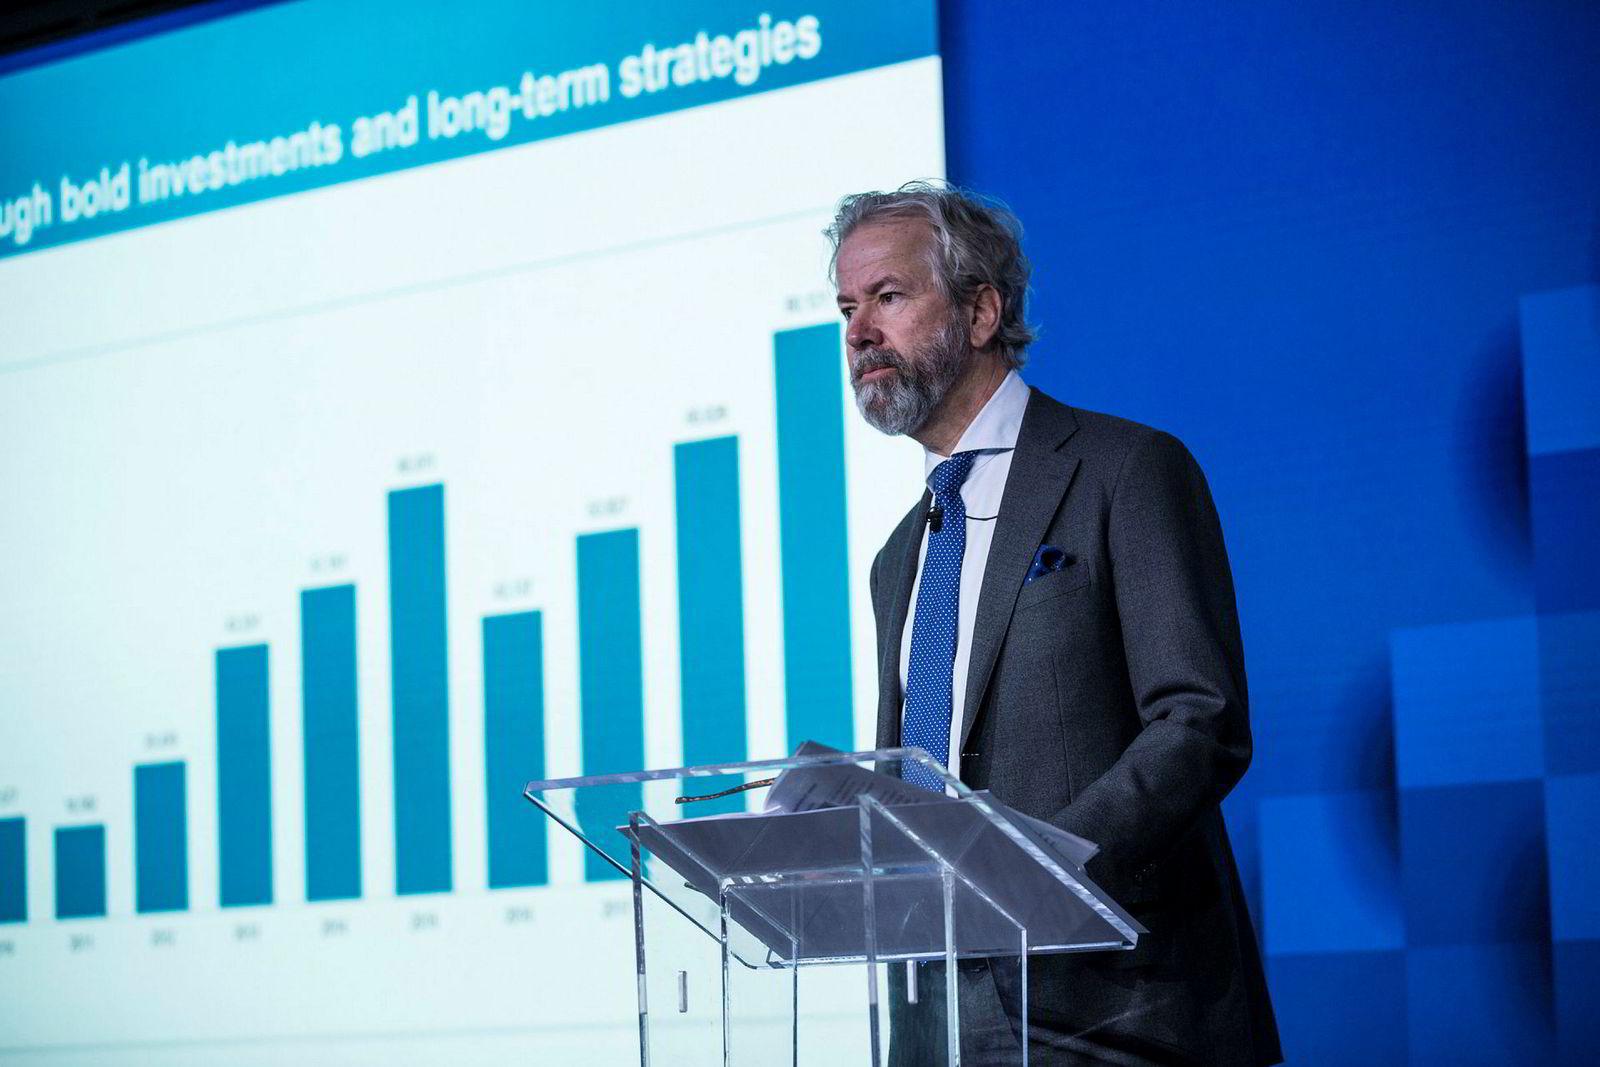 Fra seks til 80 milliarder. Styreleder Ole Jacob Sunde viste Schibsteds verdiutvikling under torsdagens kapitalmarkedsdag i London.